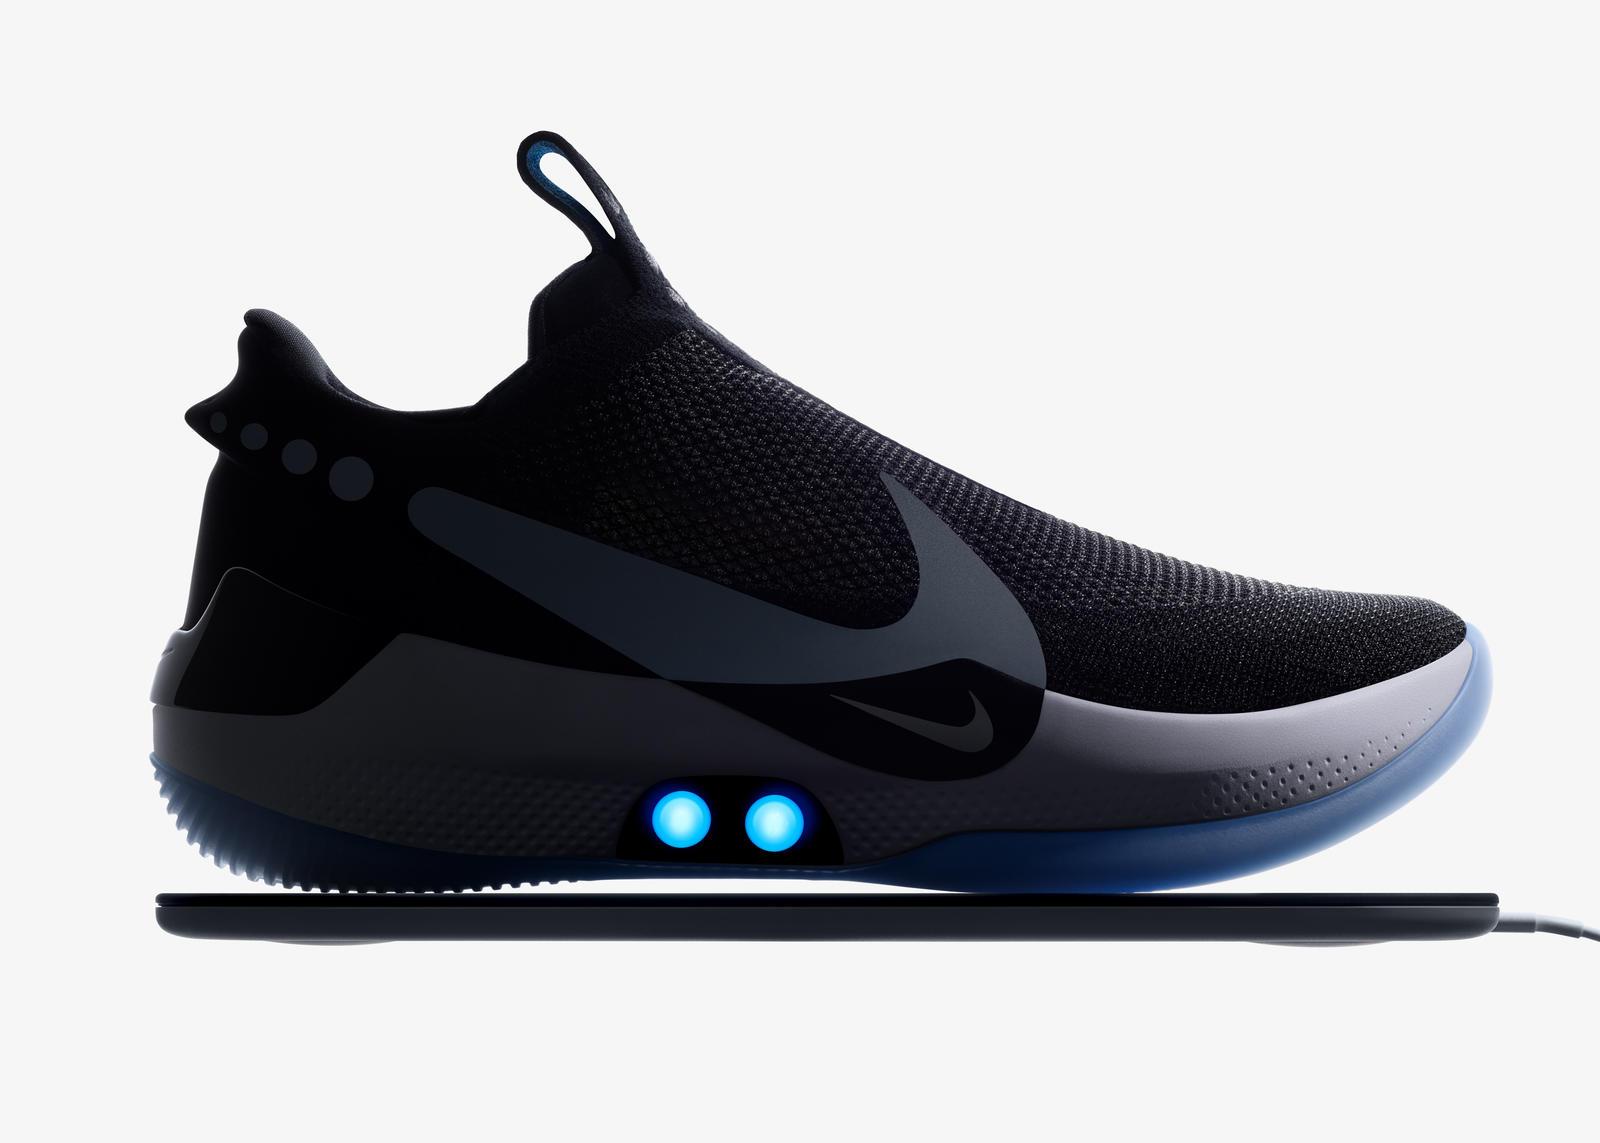 new concept 18fd0 2a9ef Samowiążące buty Nike sterowane z iPhonea w lutym trafią do sklepów   iMagazine